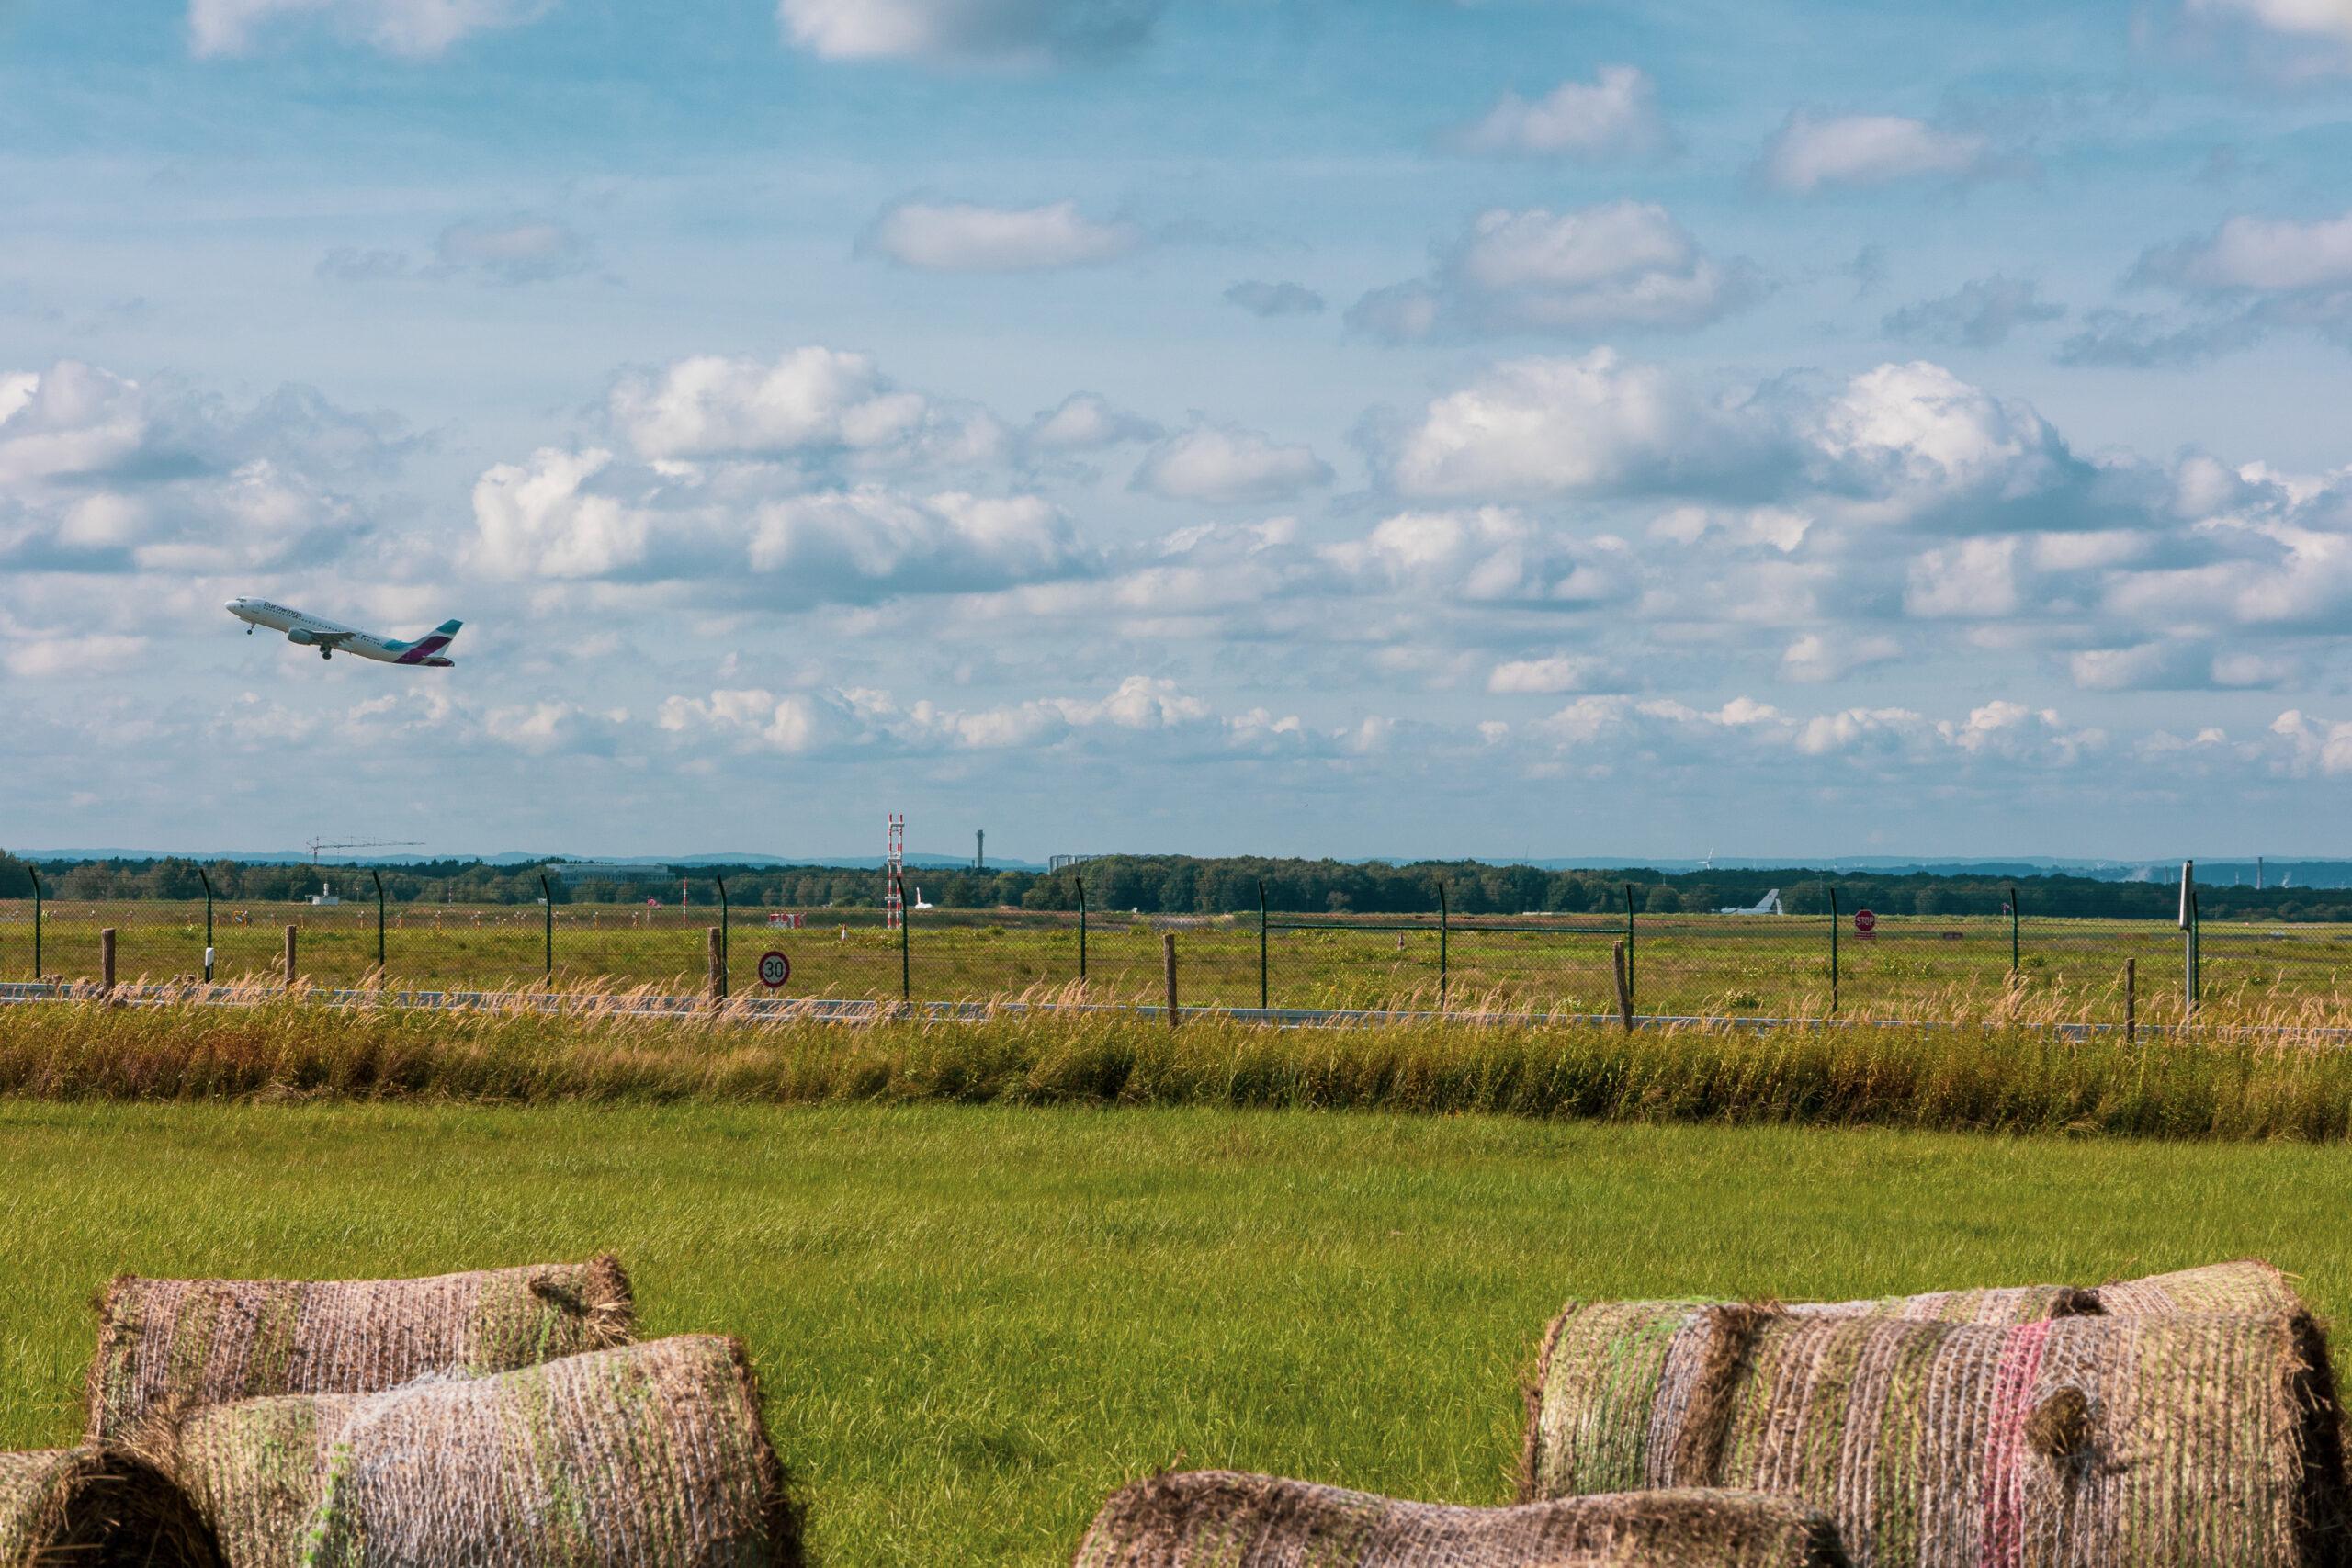 Flache Landschaft, im Vordergrund Heuballen, im Hintergrund startet gerade ein Flugzeug vom Flughafen.